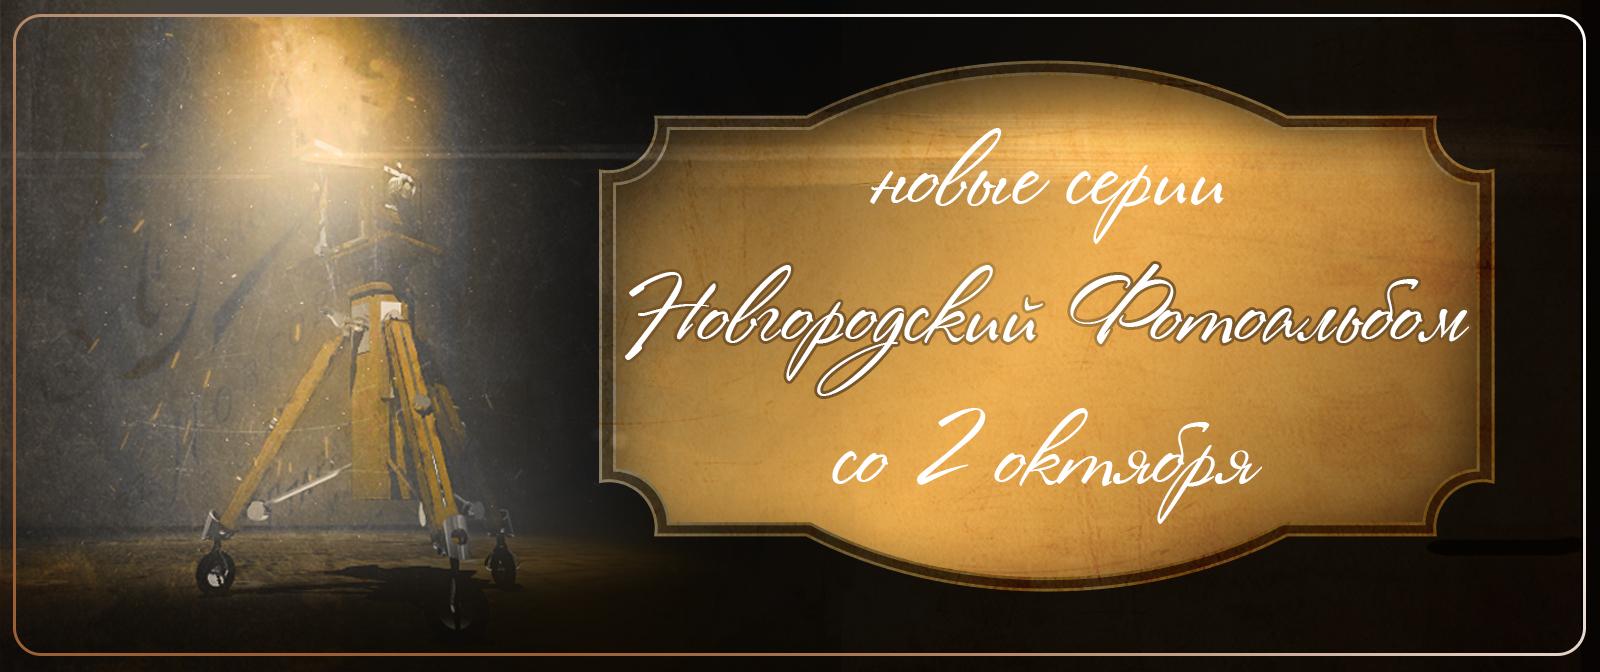 Новгородский фотоальбом